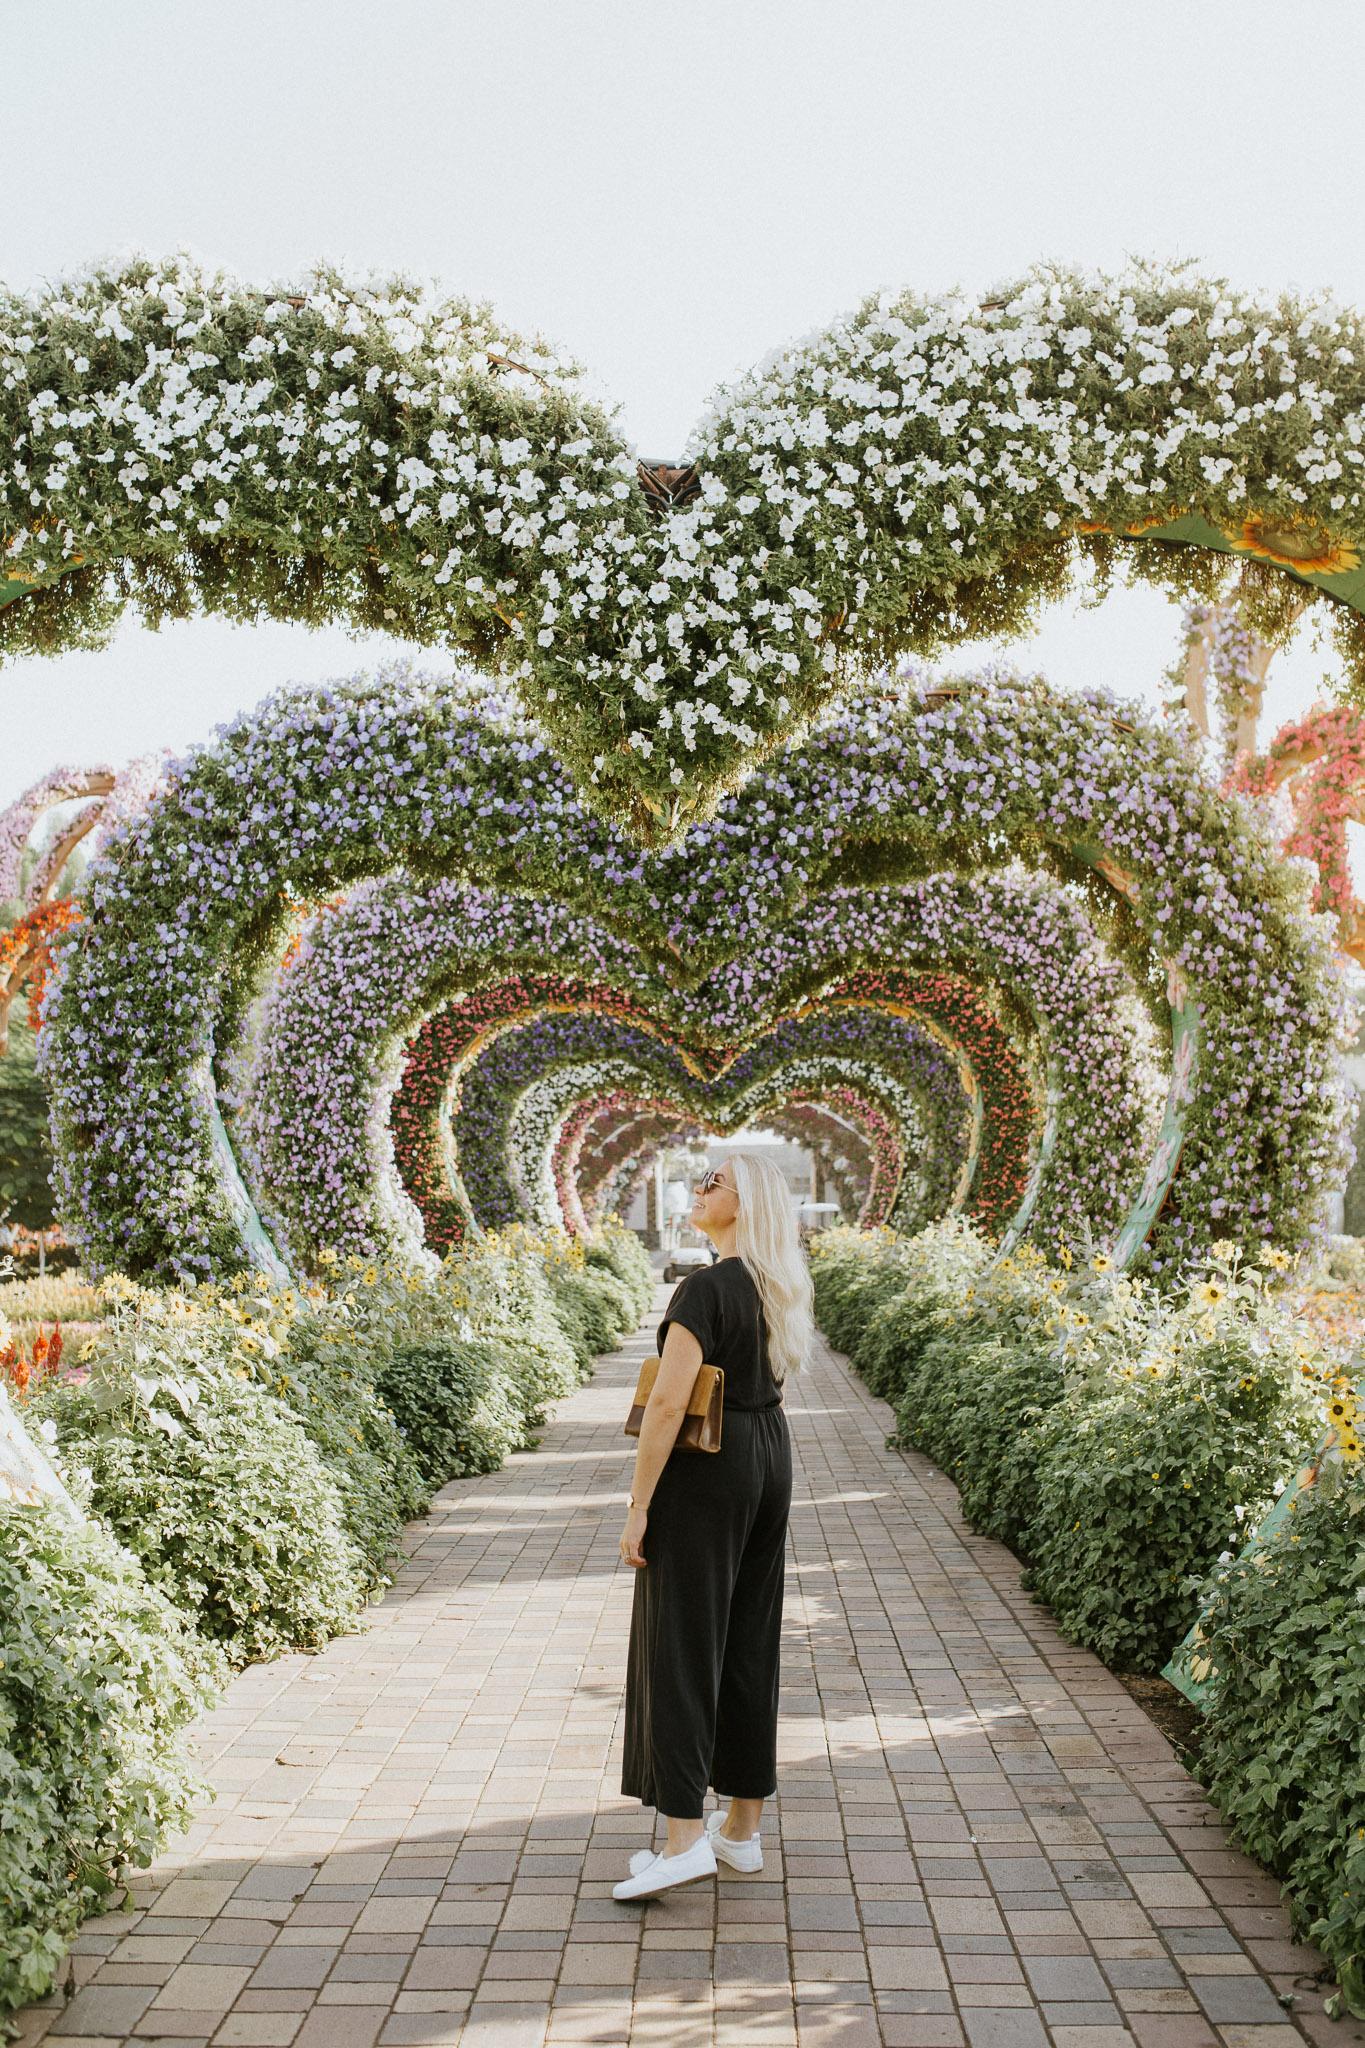 DUBAI miracle garden new-3.jpg